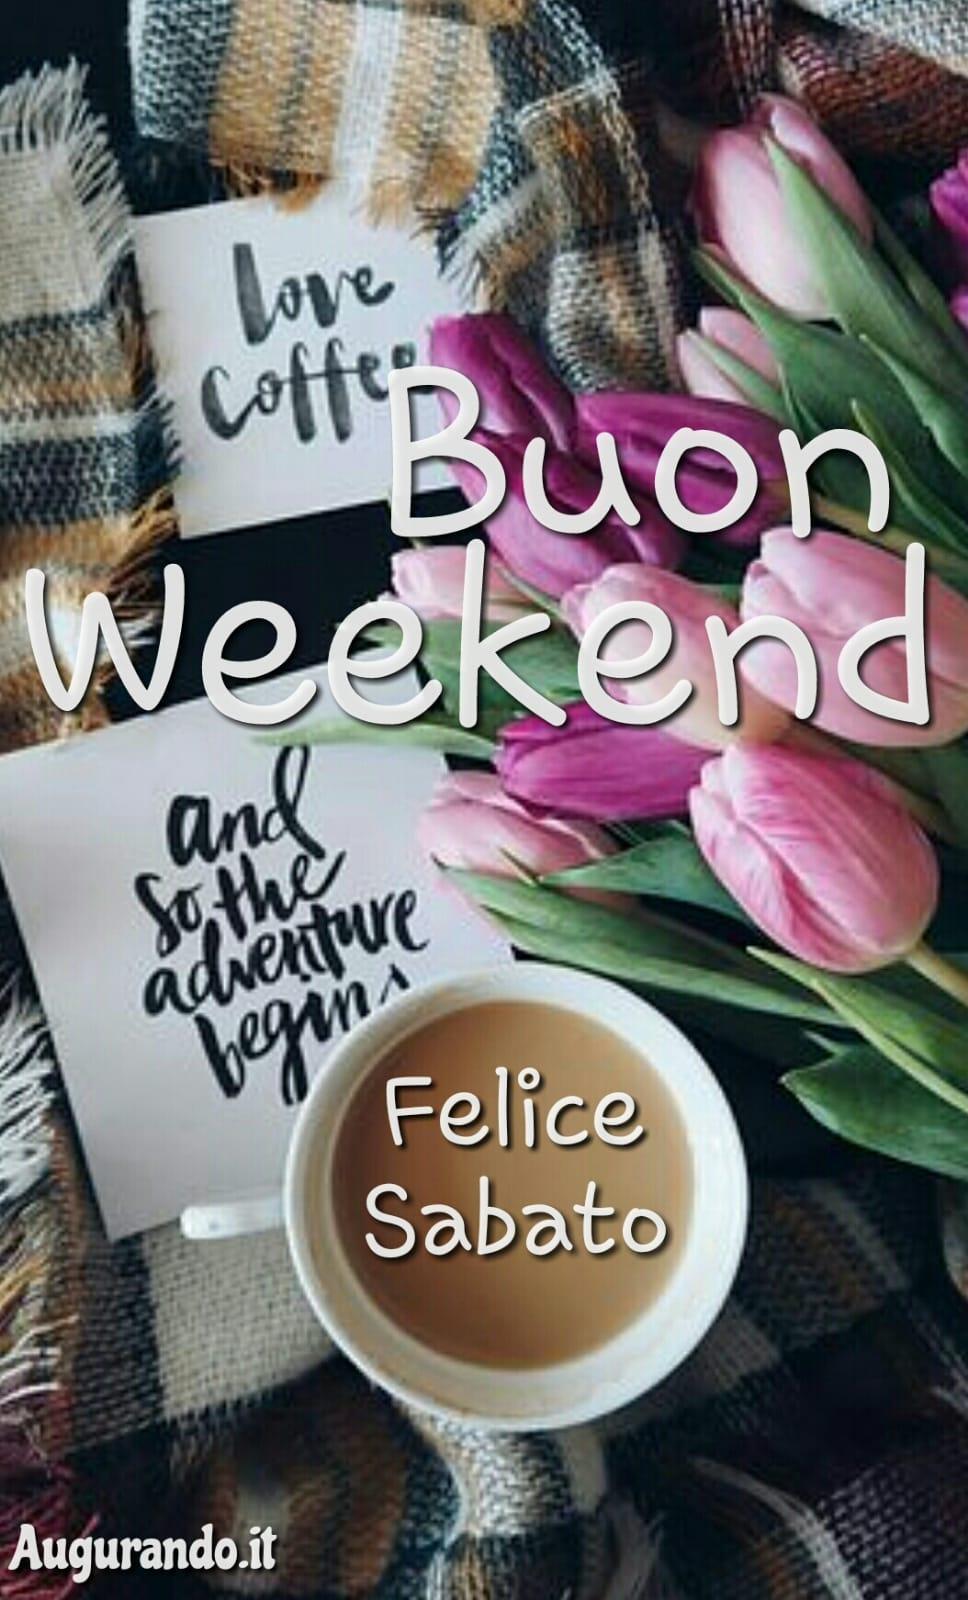 Buon weekend, immagini weekend, weekend, sereno fine settimana, sereno weekend, felice weekend, buon weekend a tutti, happy weekend, buon weekend amici